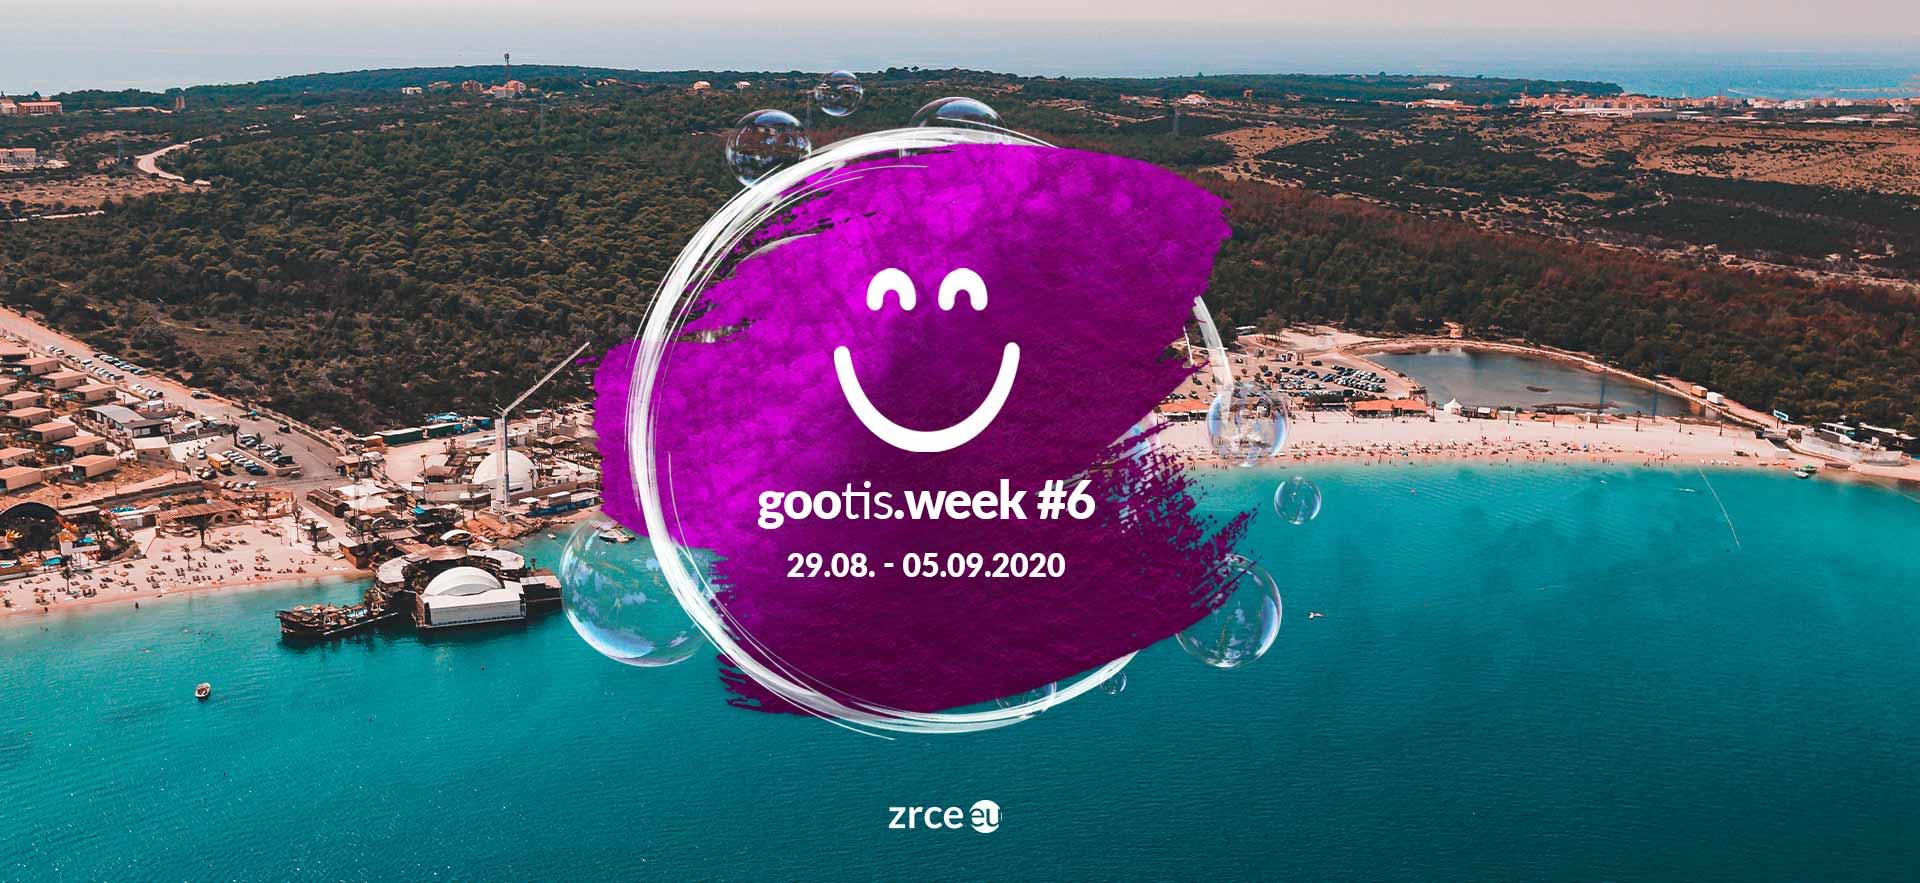 gootis.week #6